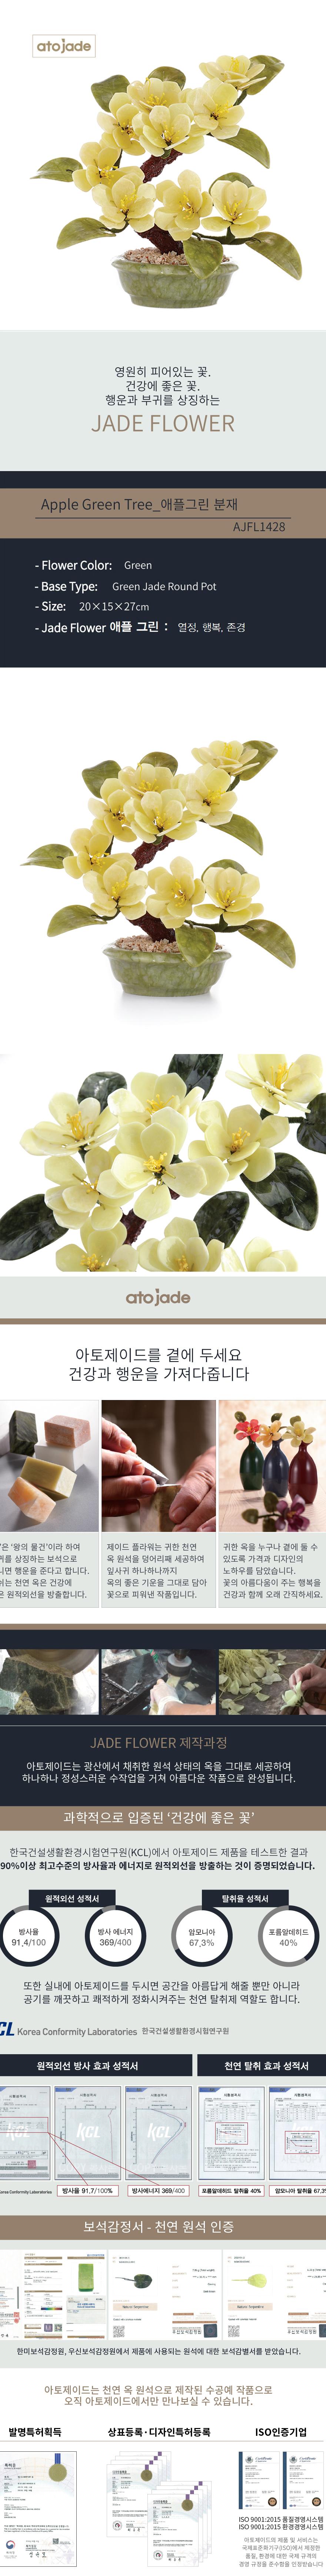 천연 옥화 애플그린 제이드